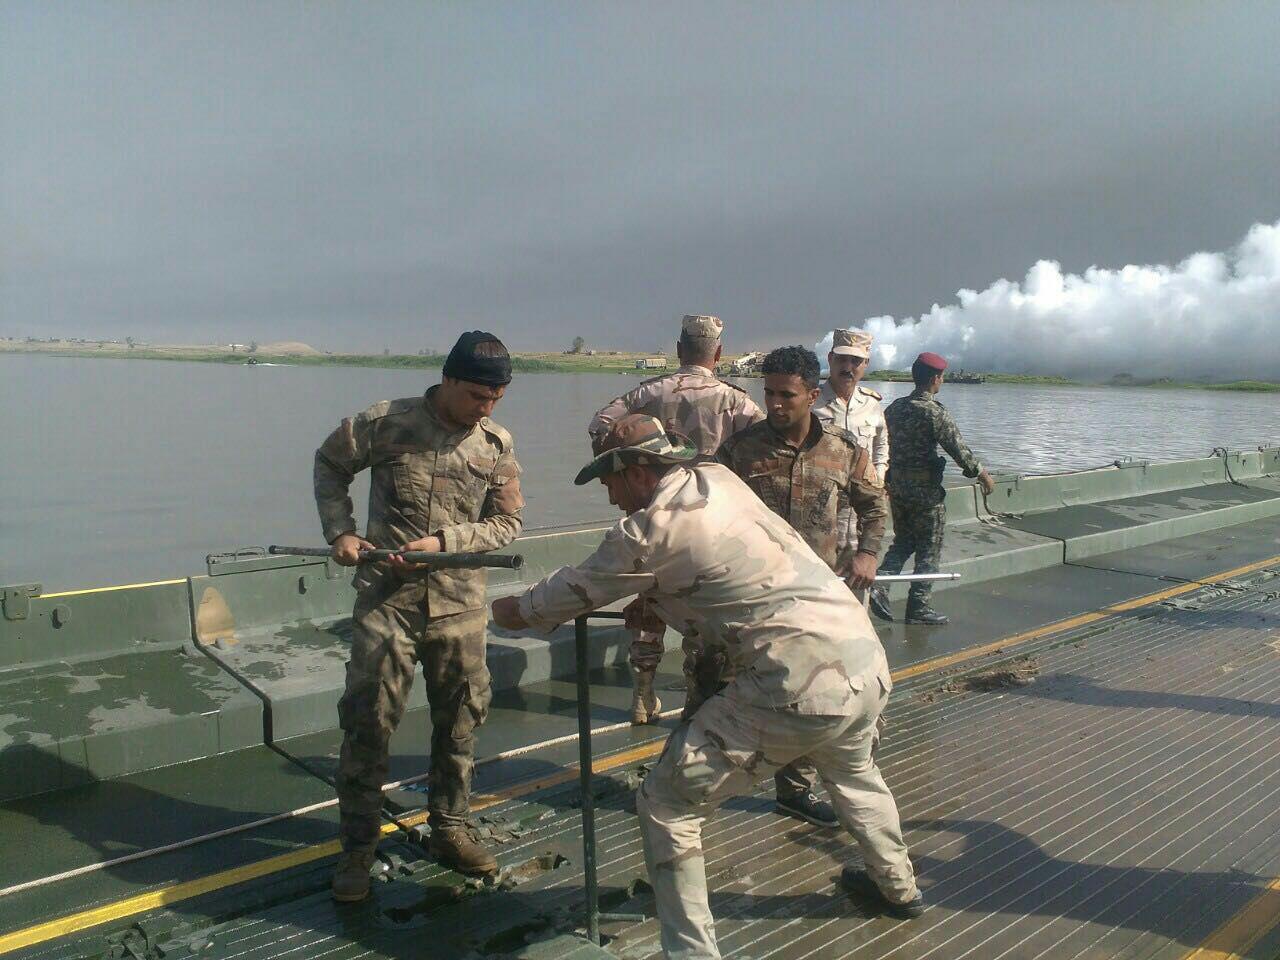 الهندسة العسكرية تنصب جسرا عائما على نهر دجلة في قضاء الشرقاط